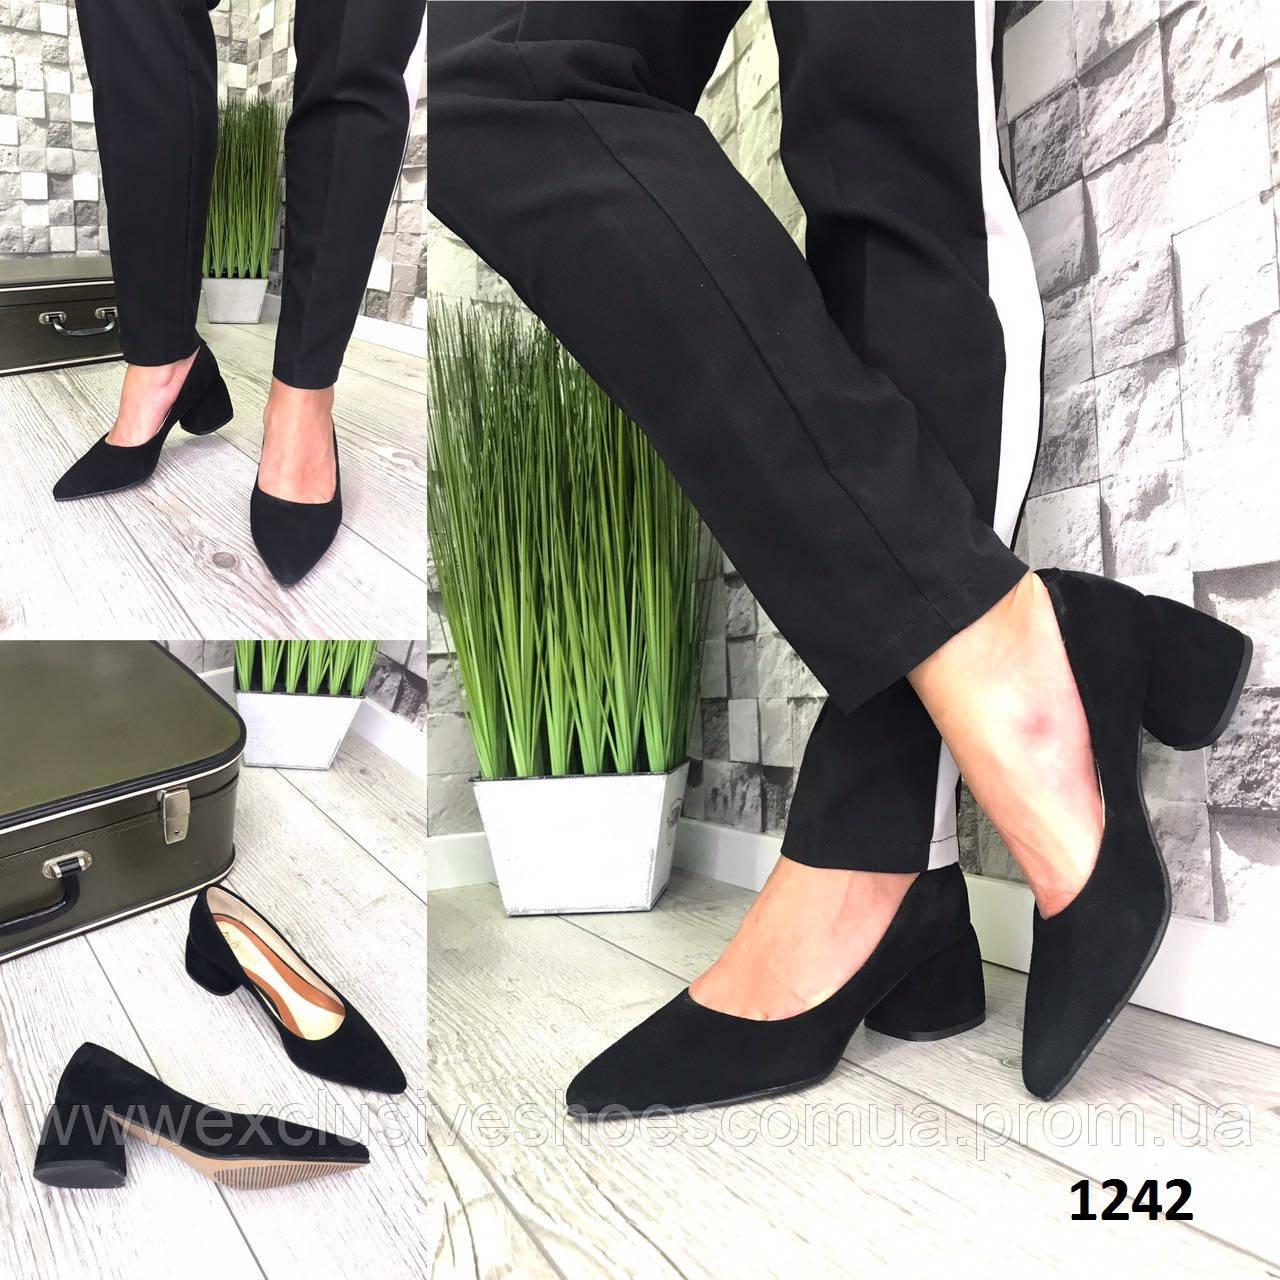 Туфли женские замшевые черные на каблуке остроносые лодочки